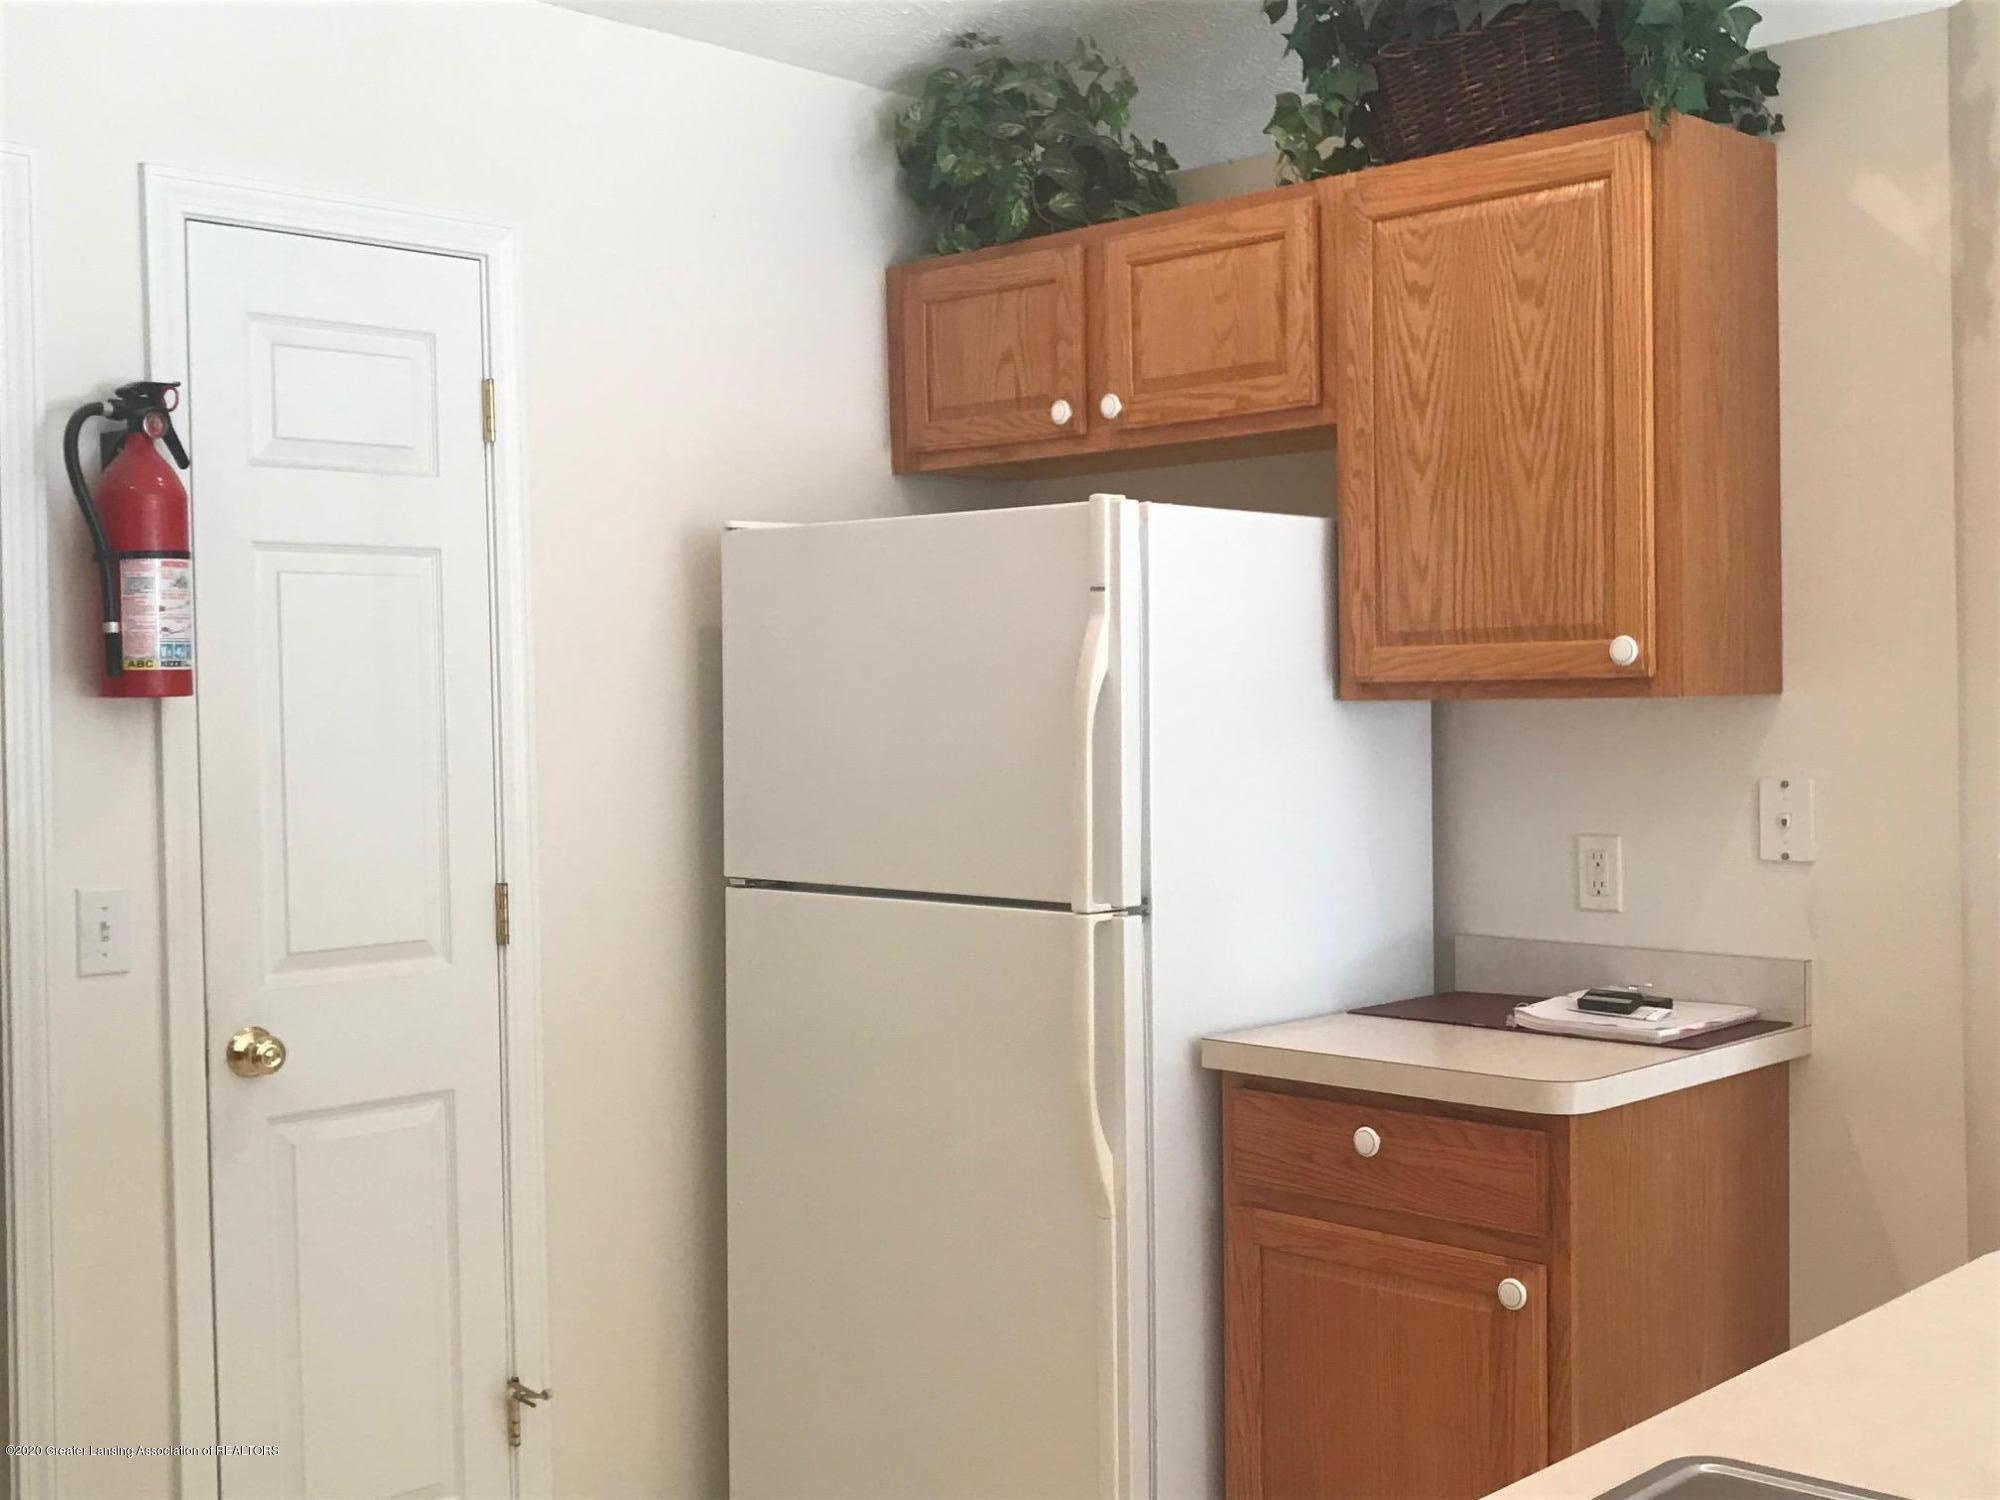 851 Chads Way 18 - Kitchen 3 - 6